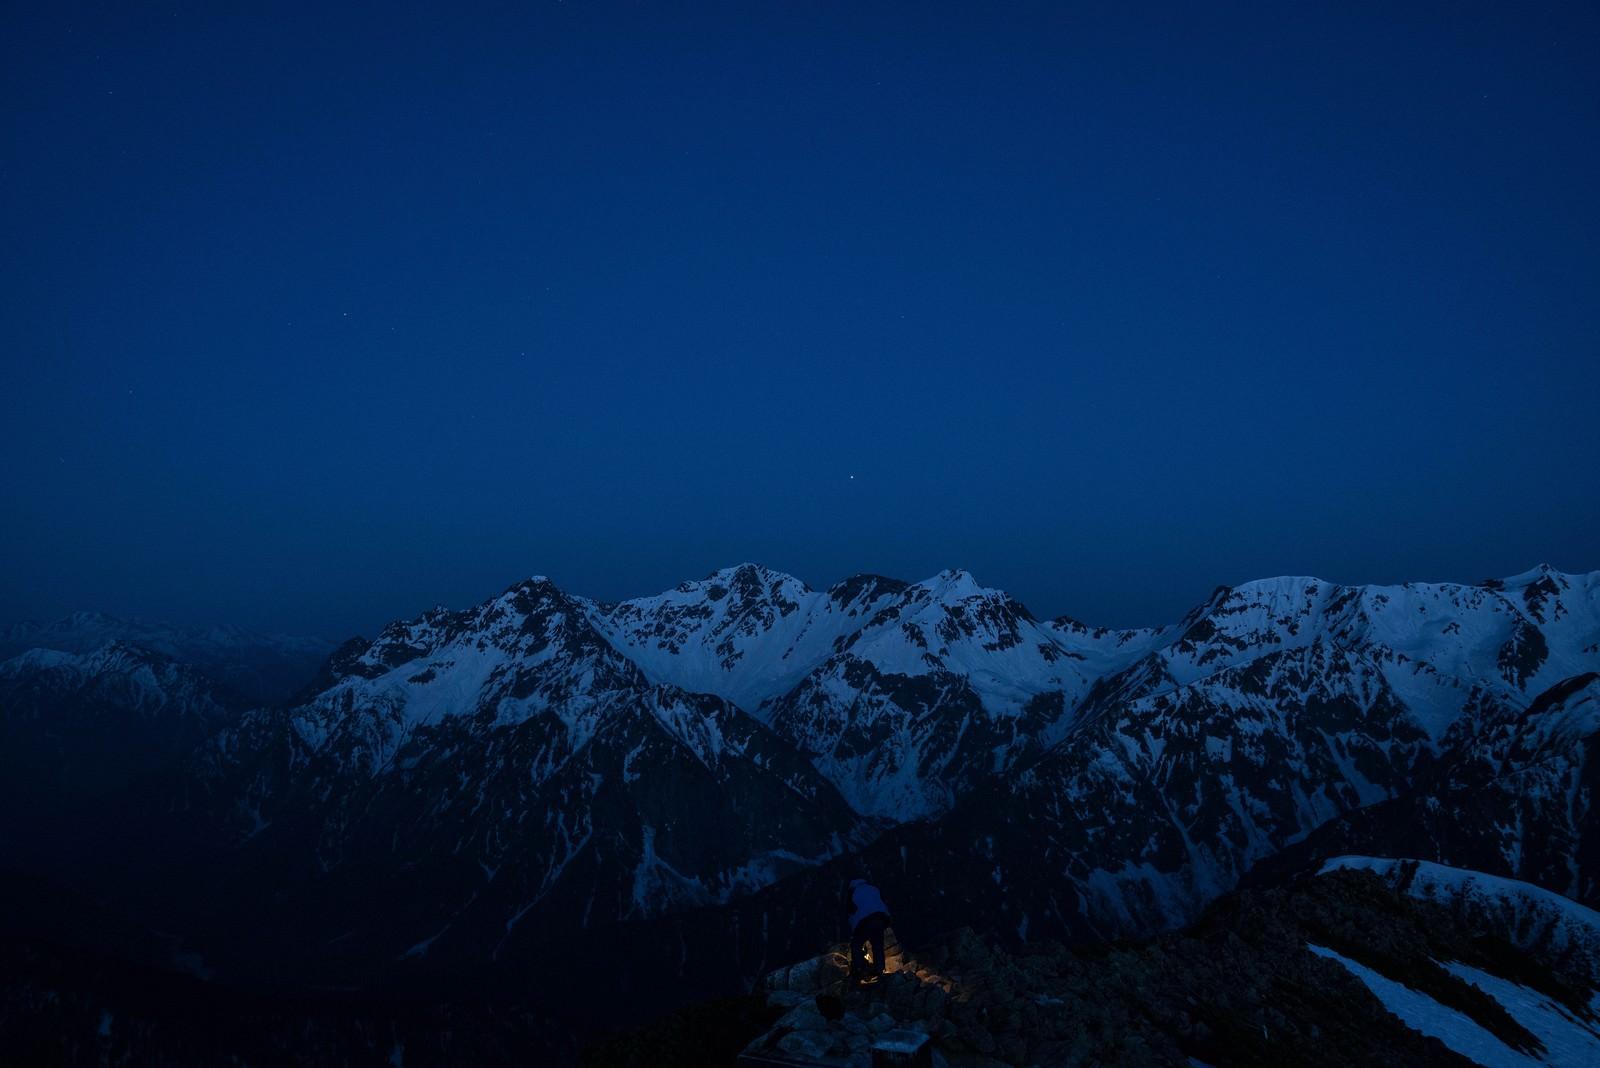 「静まり返る夜明け前の穂高連峰」の写真